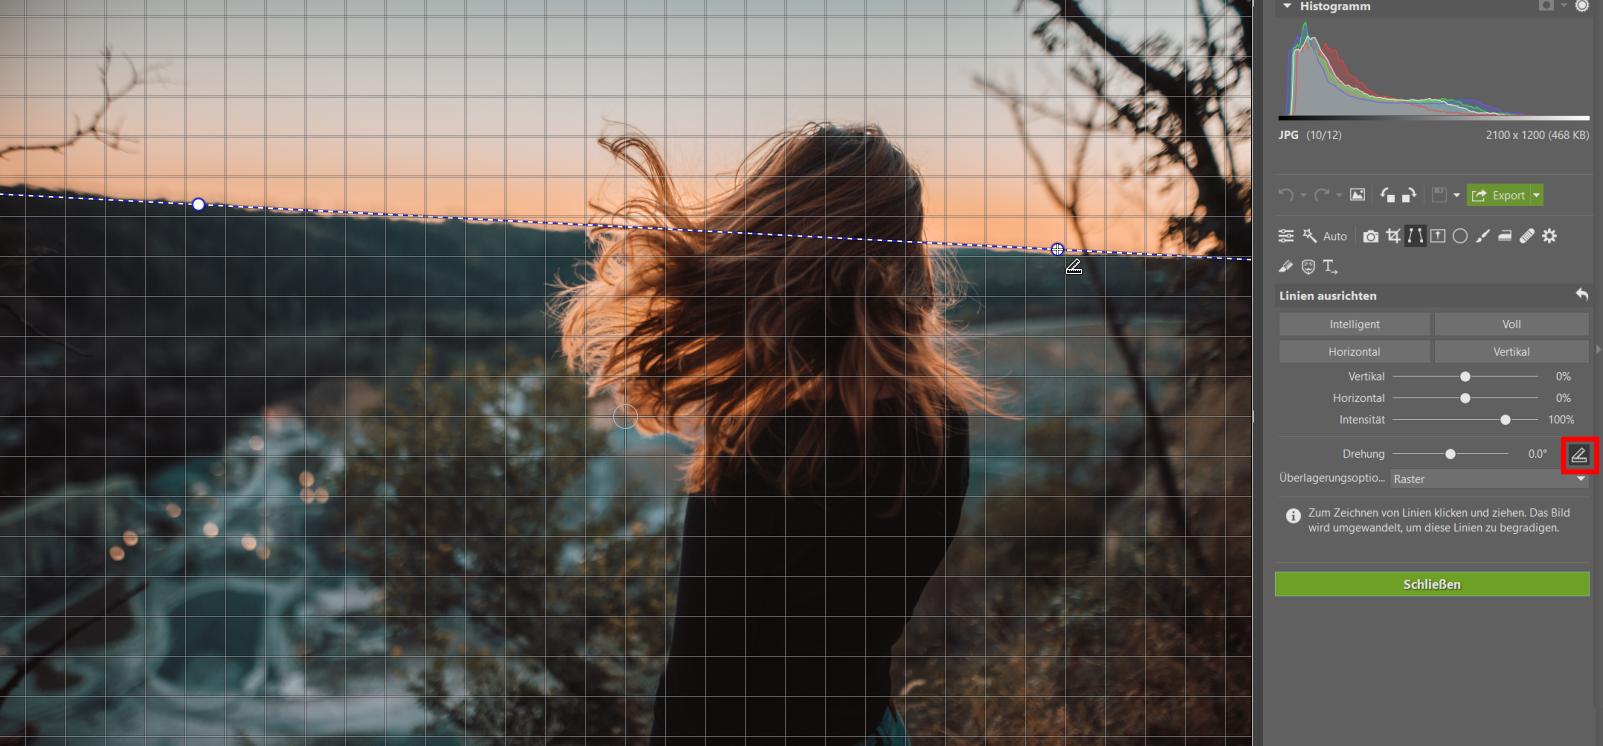 Die 6 häufigsten Foto-Probleme und wie man sie löst